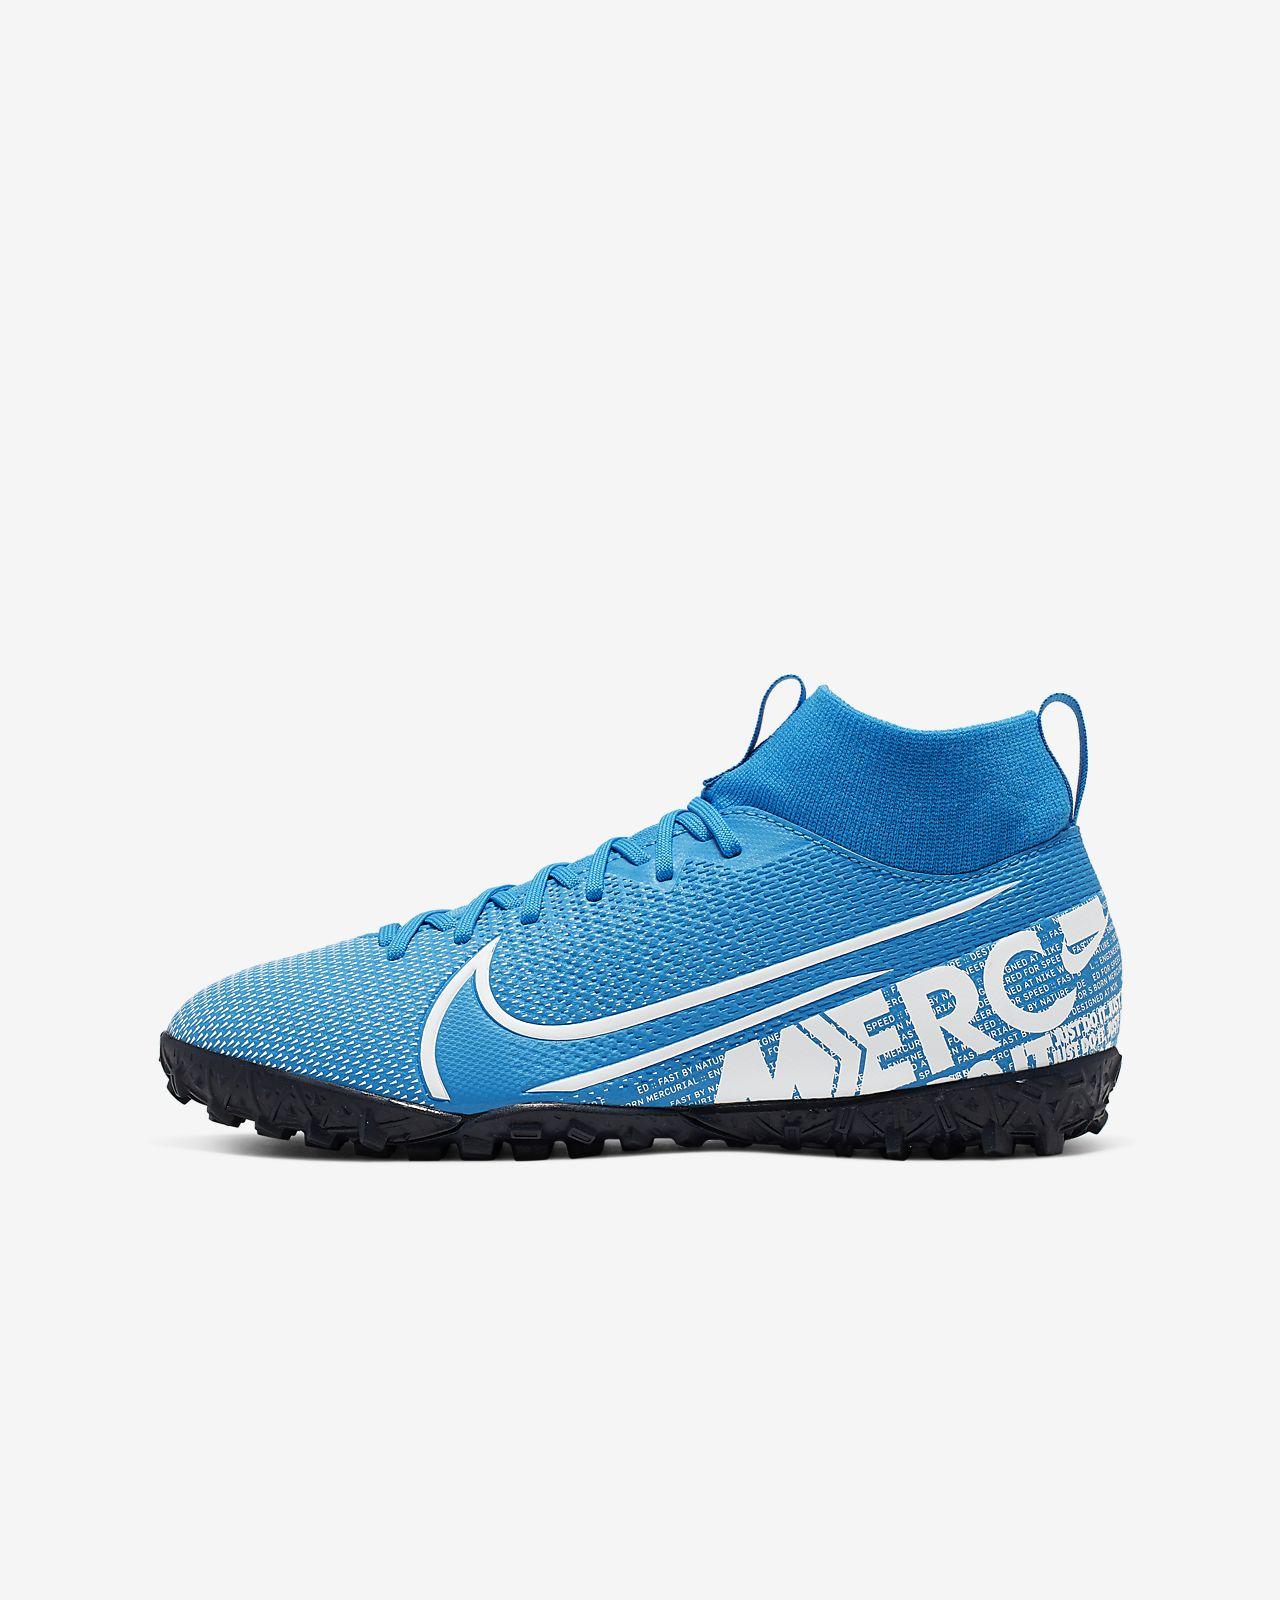 รองเท้าฟุตบอลเด็กเล็ก/โตสำหรับพื้นหญ้าเทียม Nike Jr. Mercurial Superfly 7 Academy TF